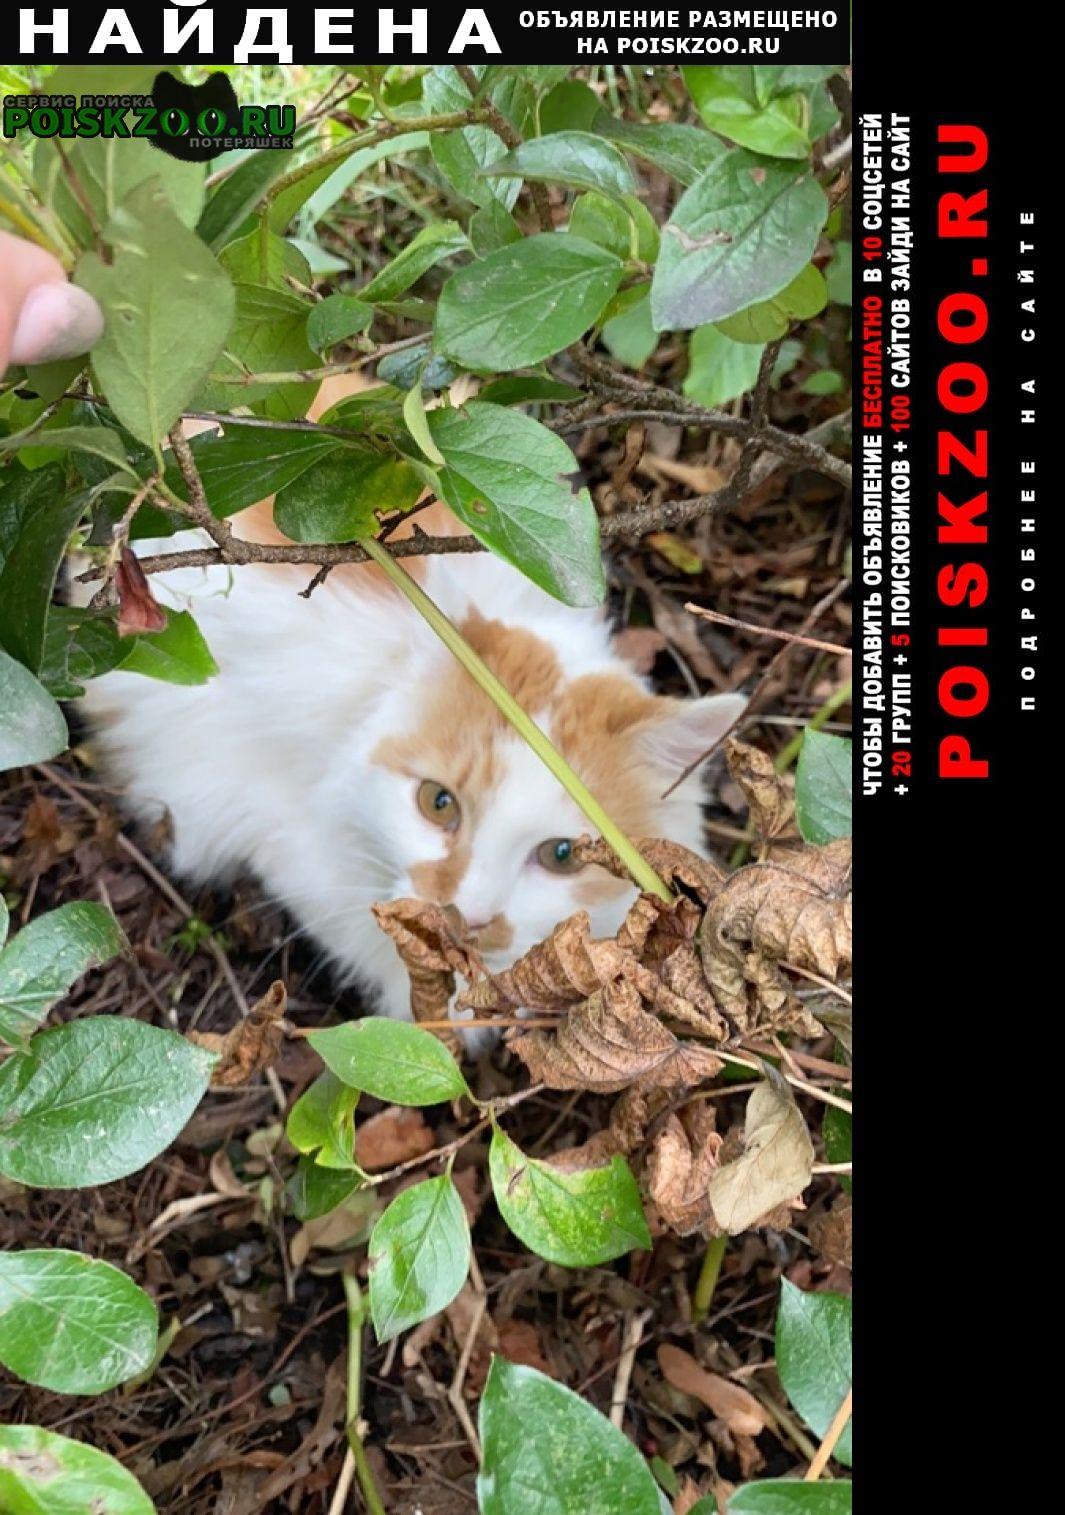 Найдена кошка 9 утра 21 августа возле 2 ладей в кустах Выборг